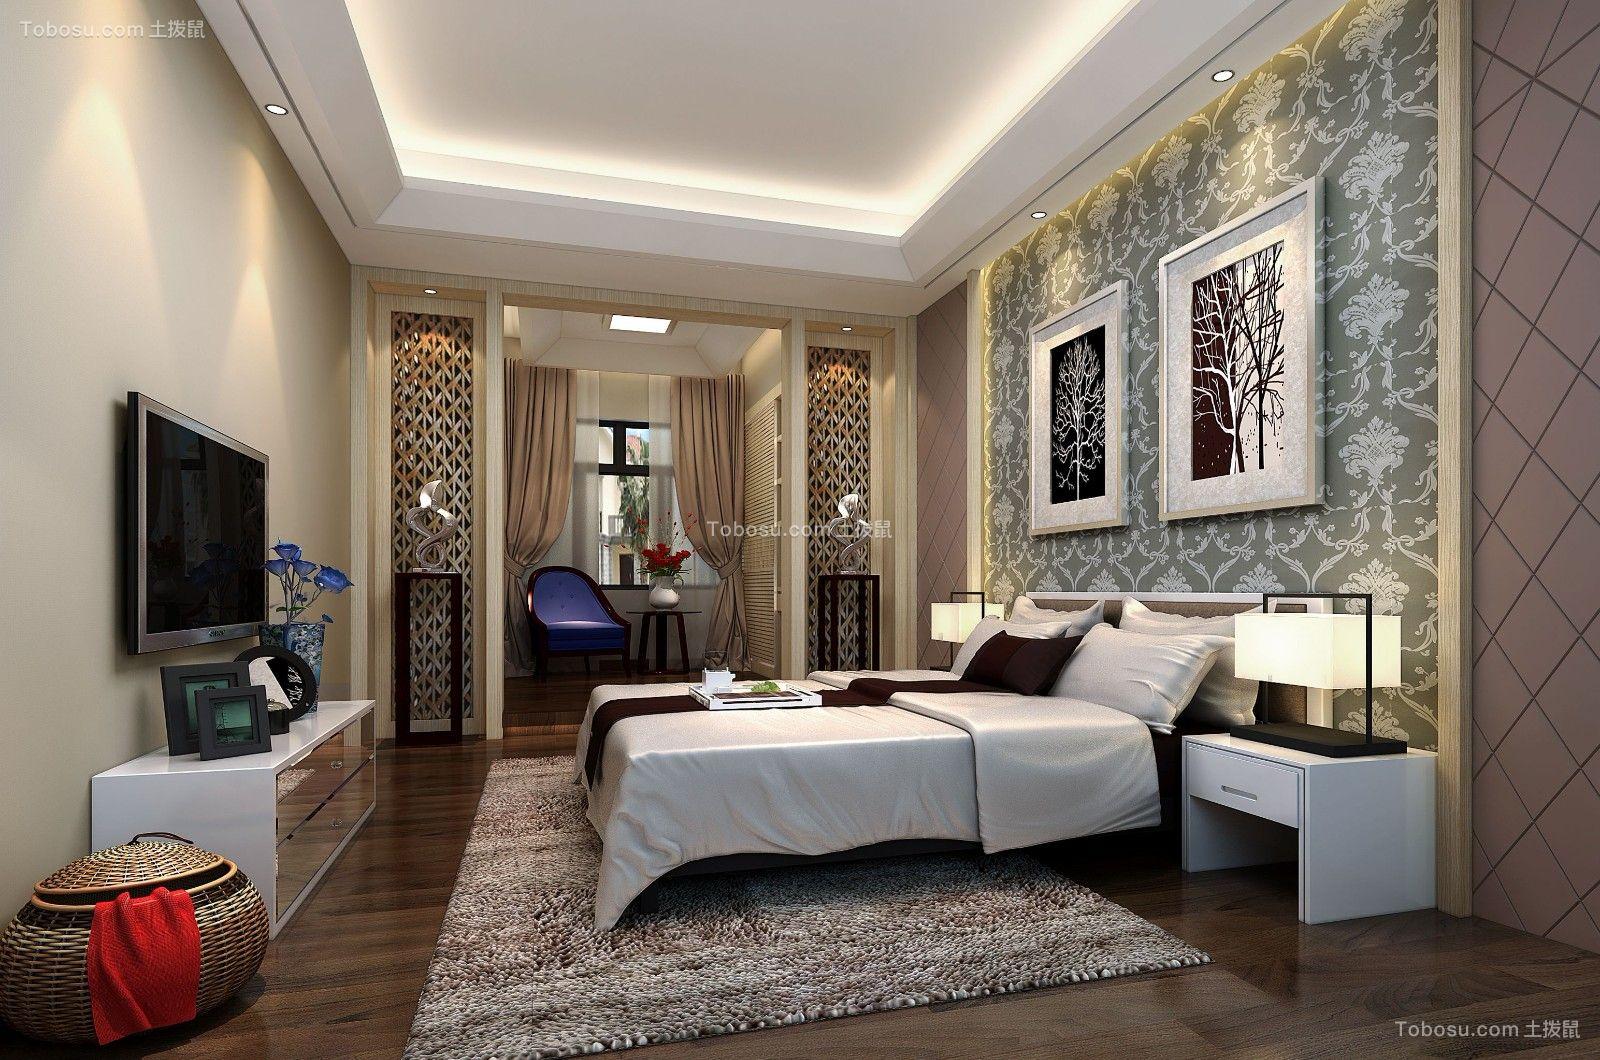 卧室白色吊顶现代风格装饰效果图